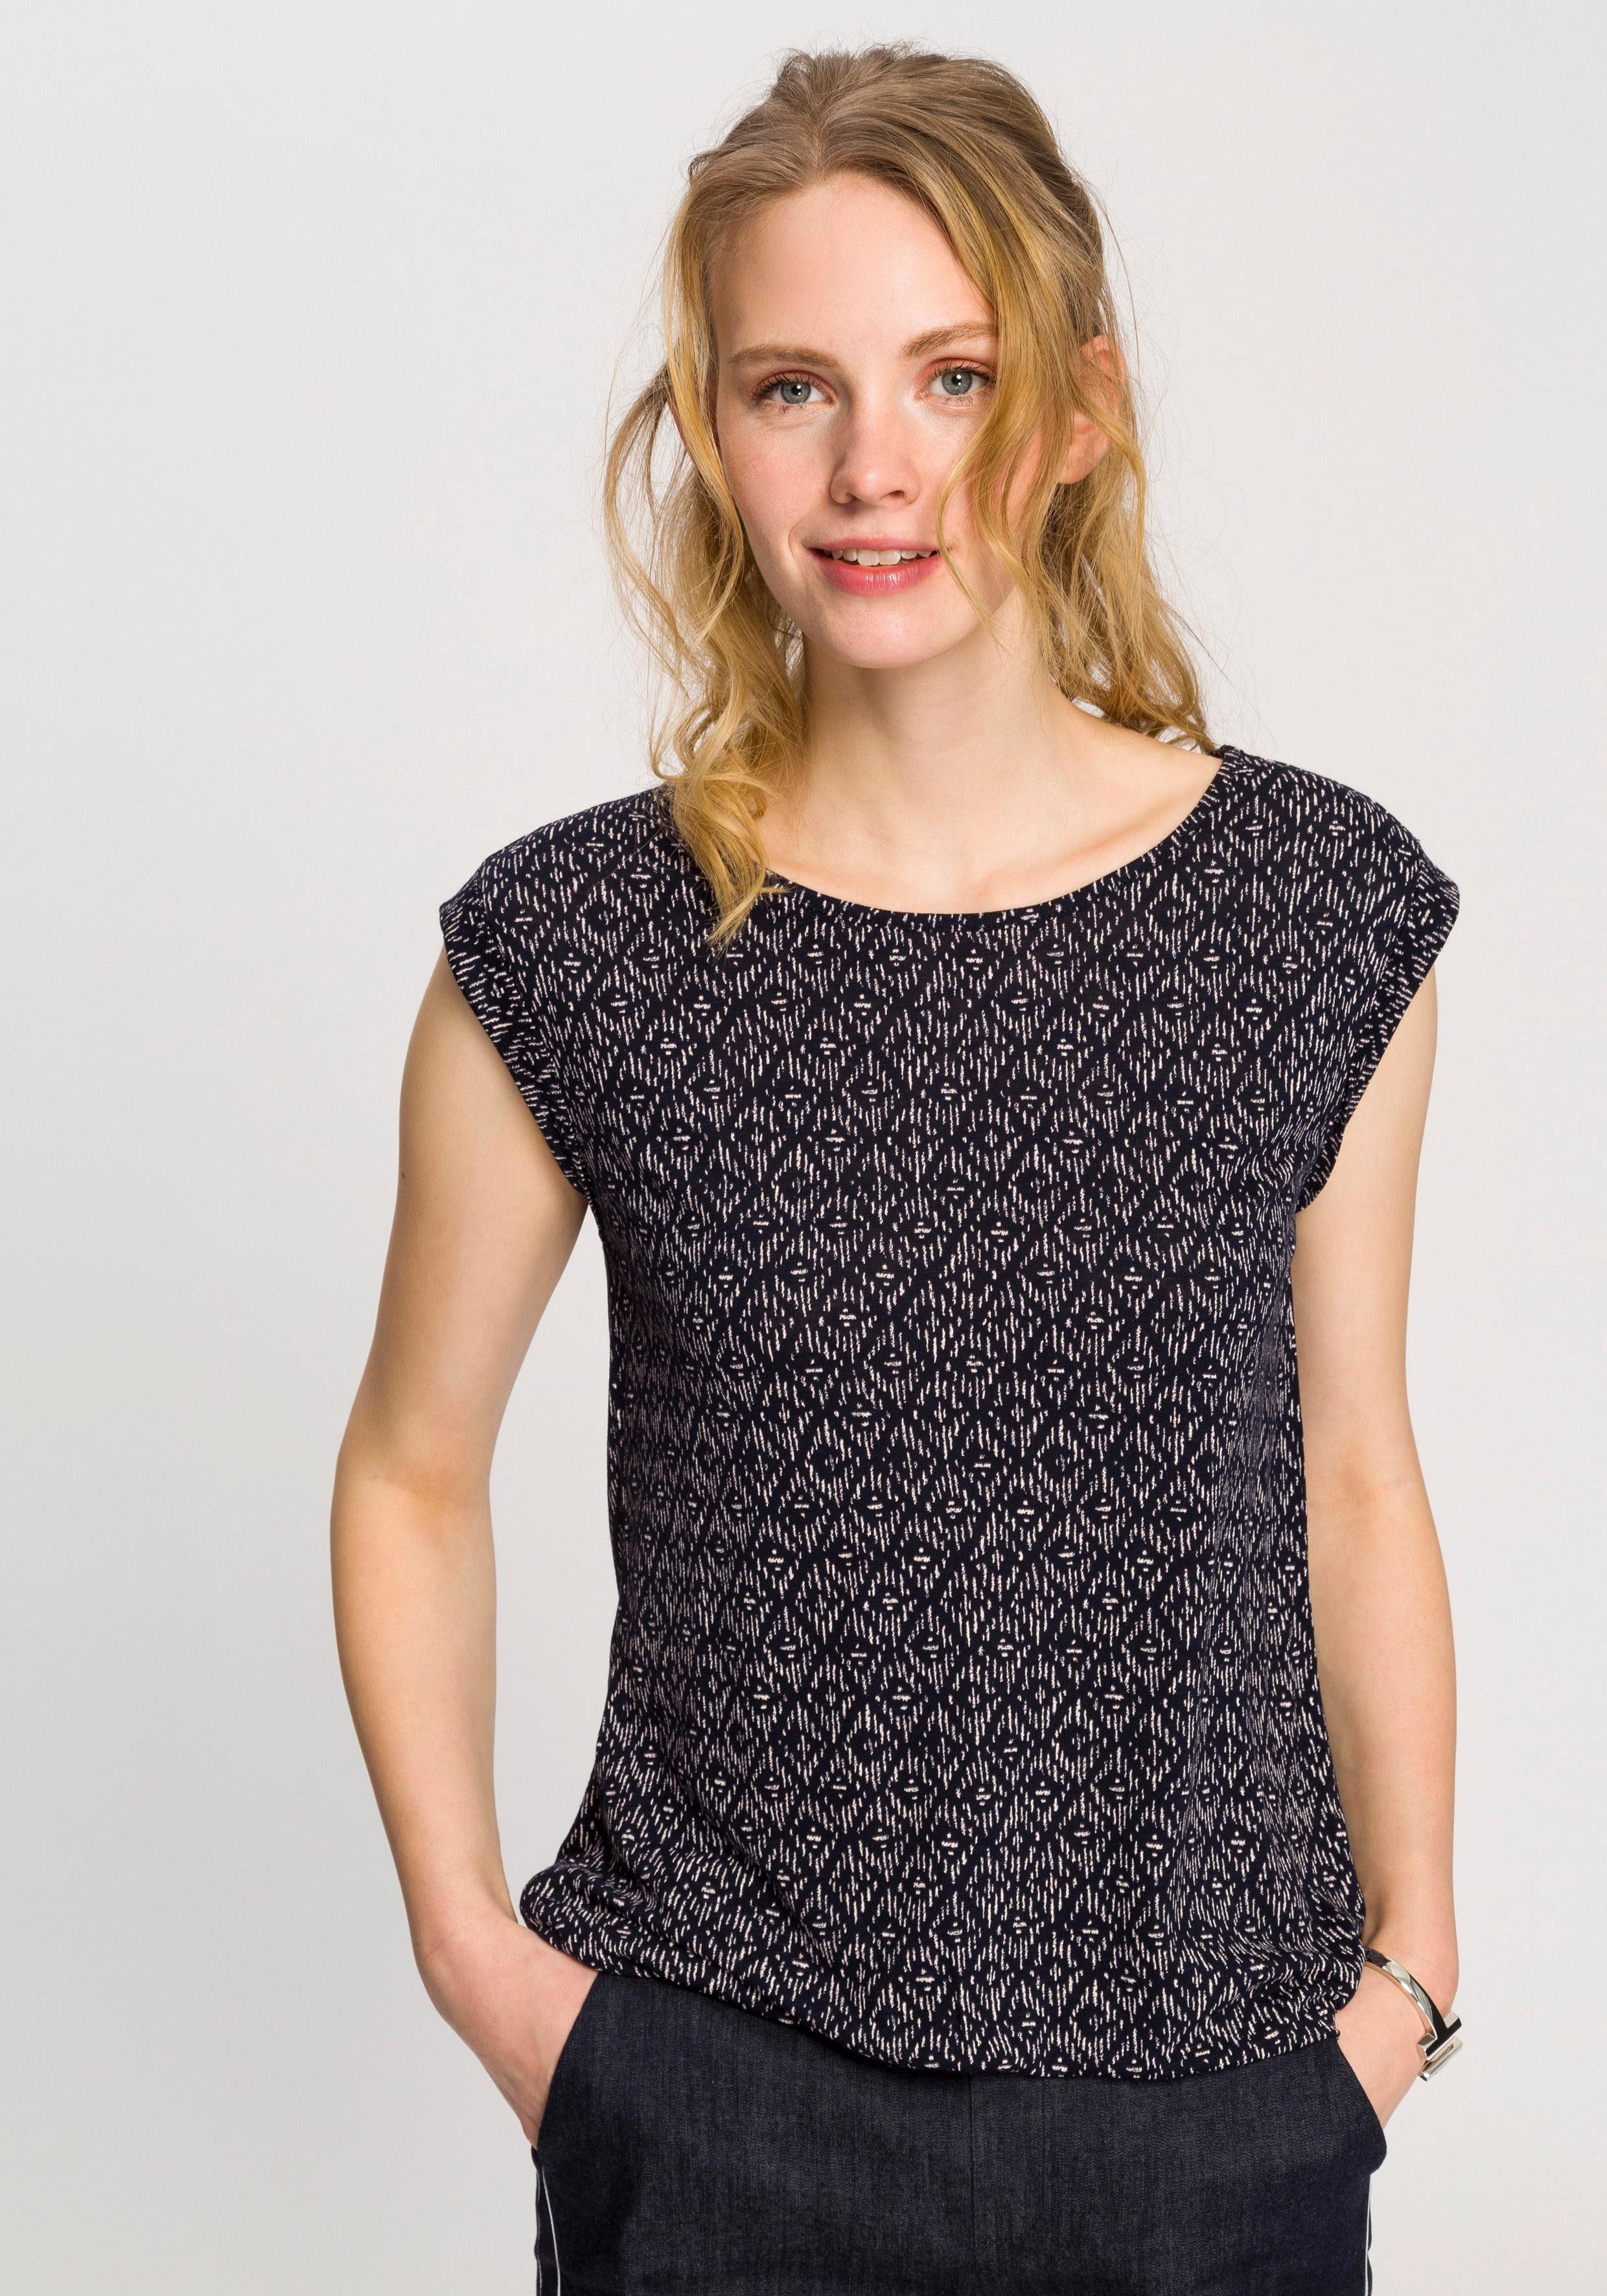 Damen OPUS Blusenshirt »Strolchi« mit graphischem Alloverprint  | 04251200694155